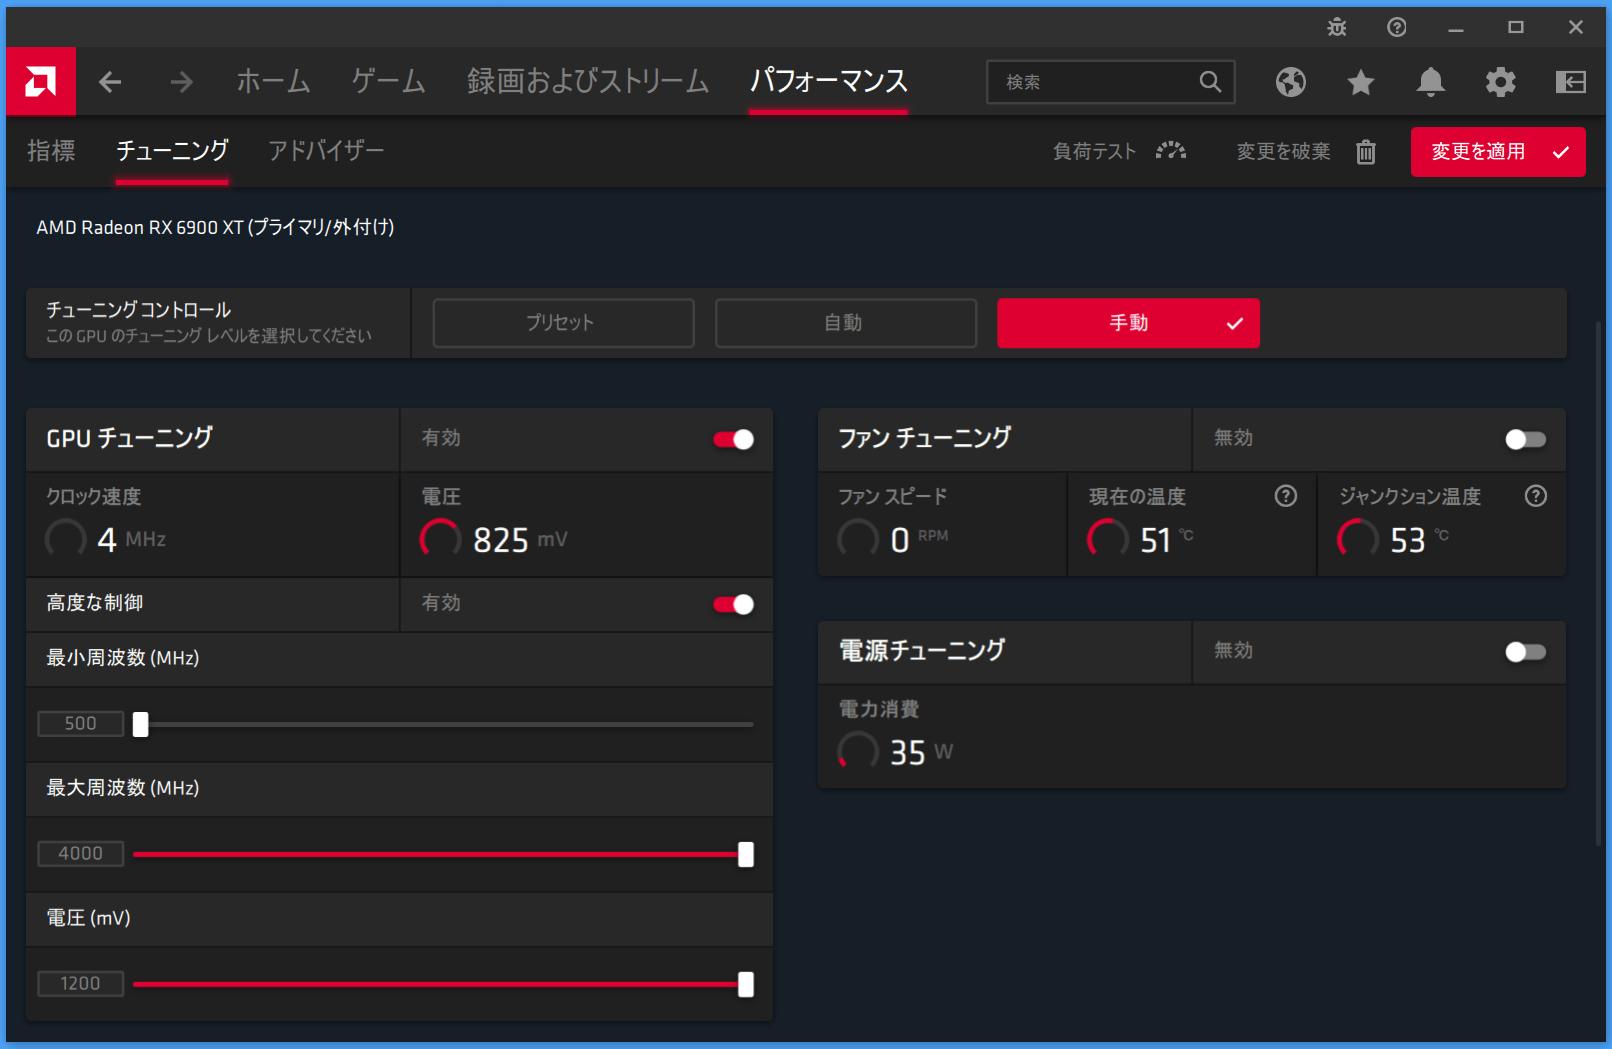 Radeon RX 6900 XT_Navi 21 XTXH_CoreOC-upto-4000MHz